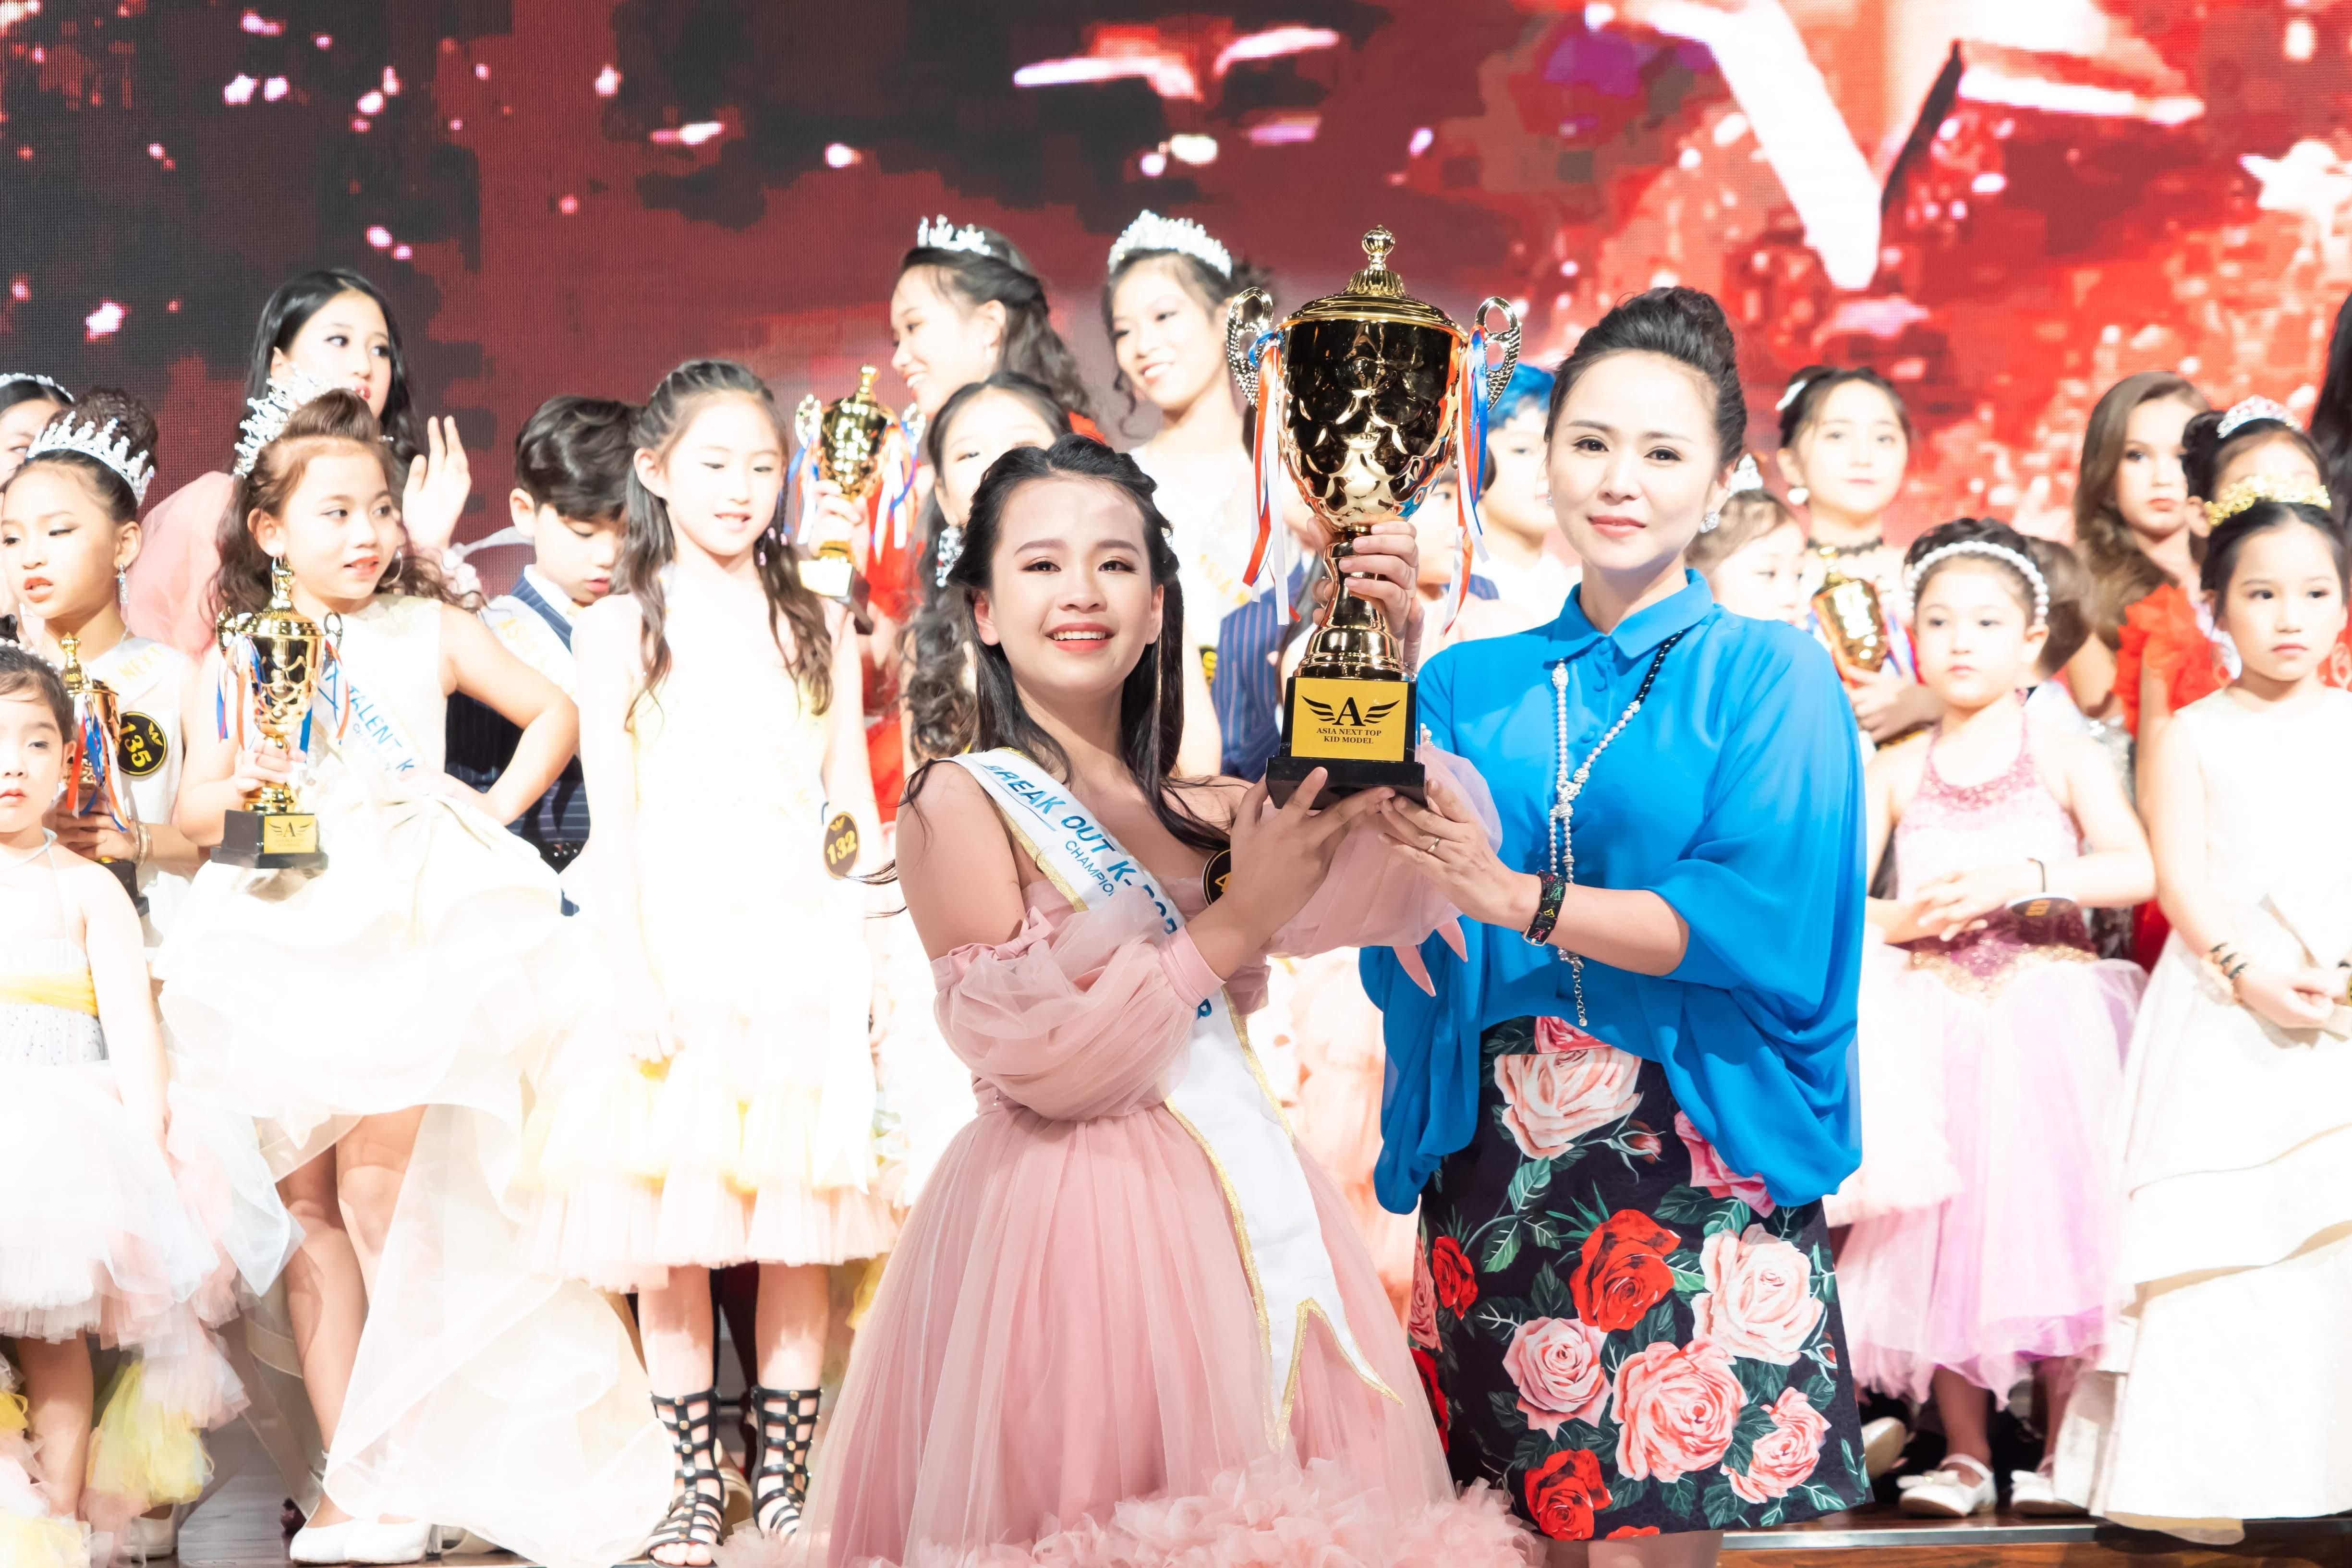 Quỳnh Chi - Cô bé Việt Nam dành giải KPOP Break-Out Star tại cuộc thi Asia Next Top Kid Model ở Hàn Quốc